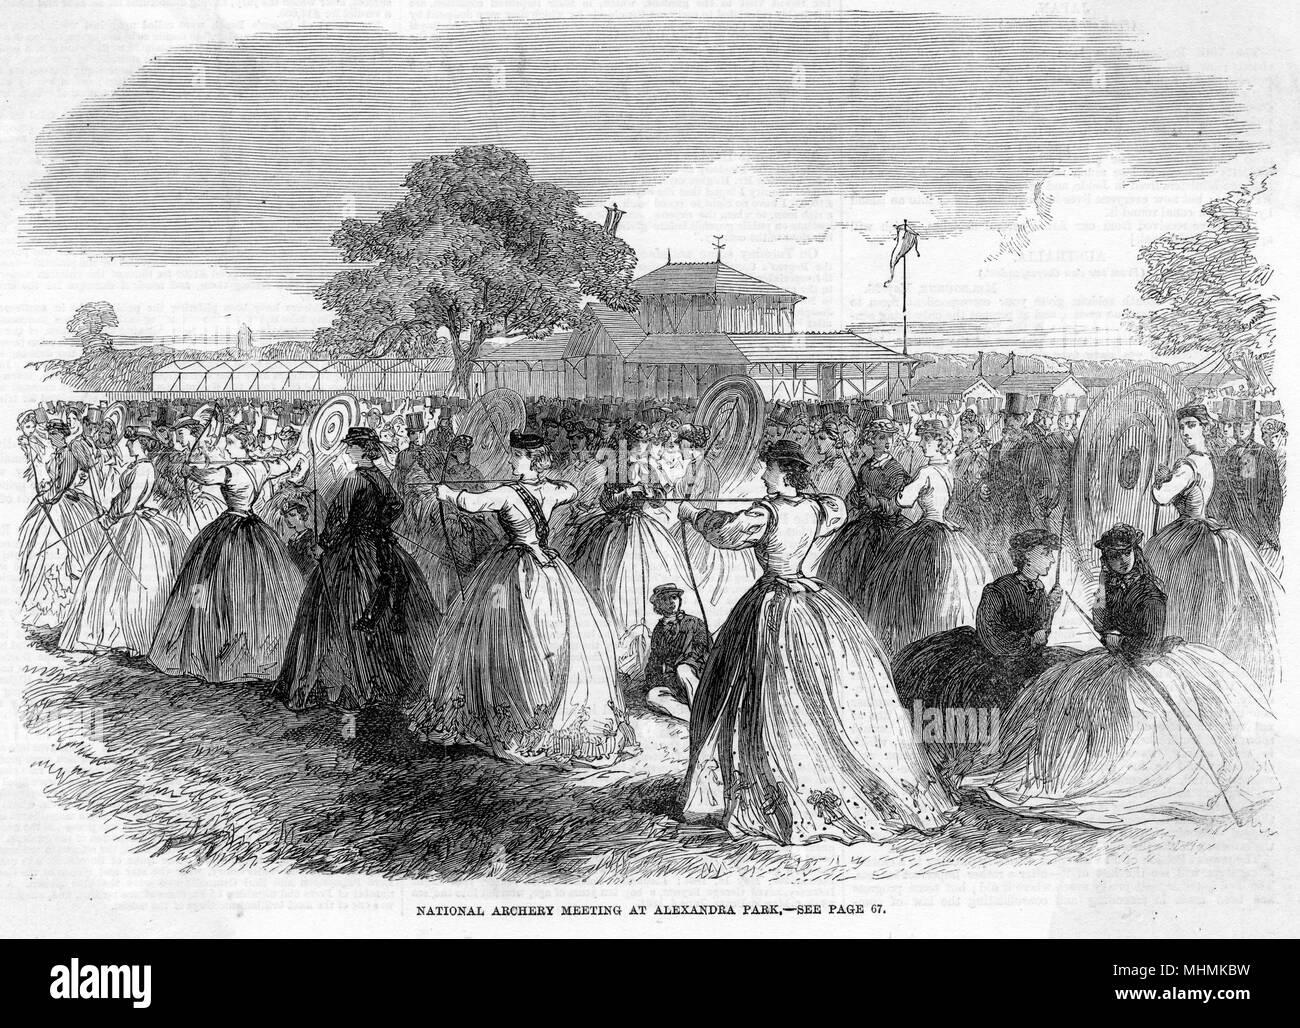 Arcieri femmina competere durante un tiro con l'arco nazionale incontro a Alexandra Park, Londra. Data: 1864 Immagini Stock